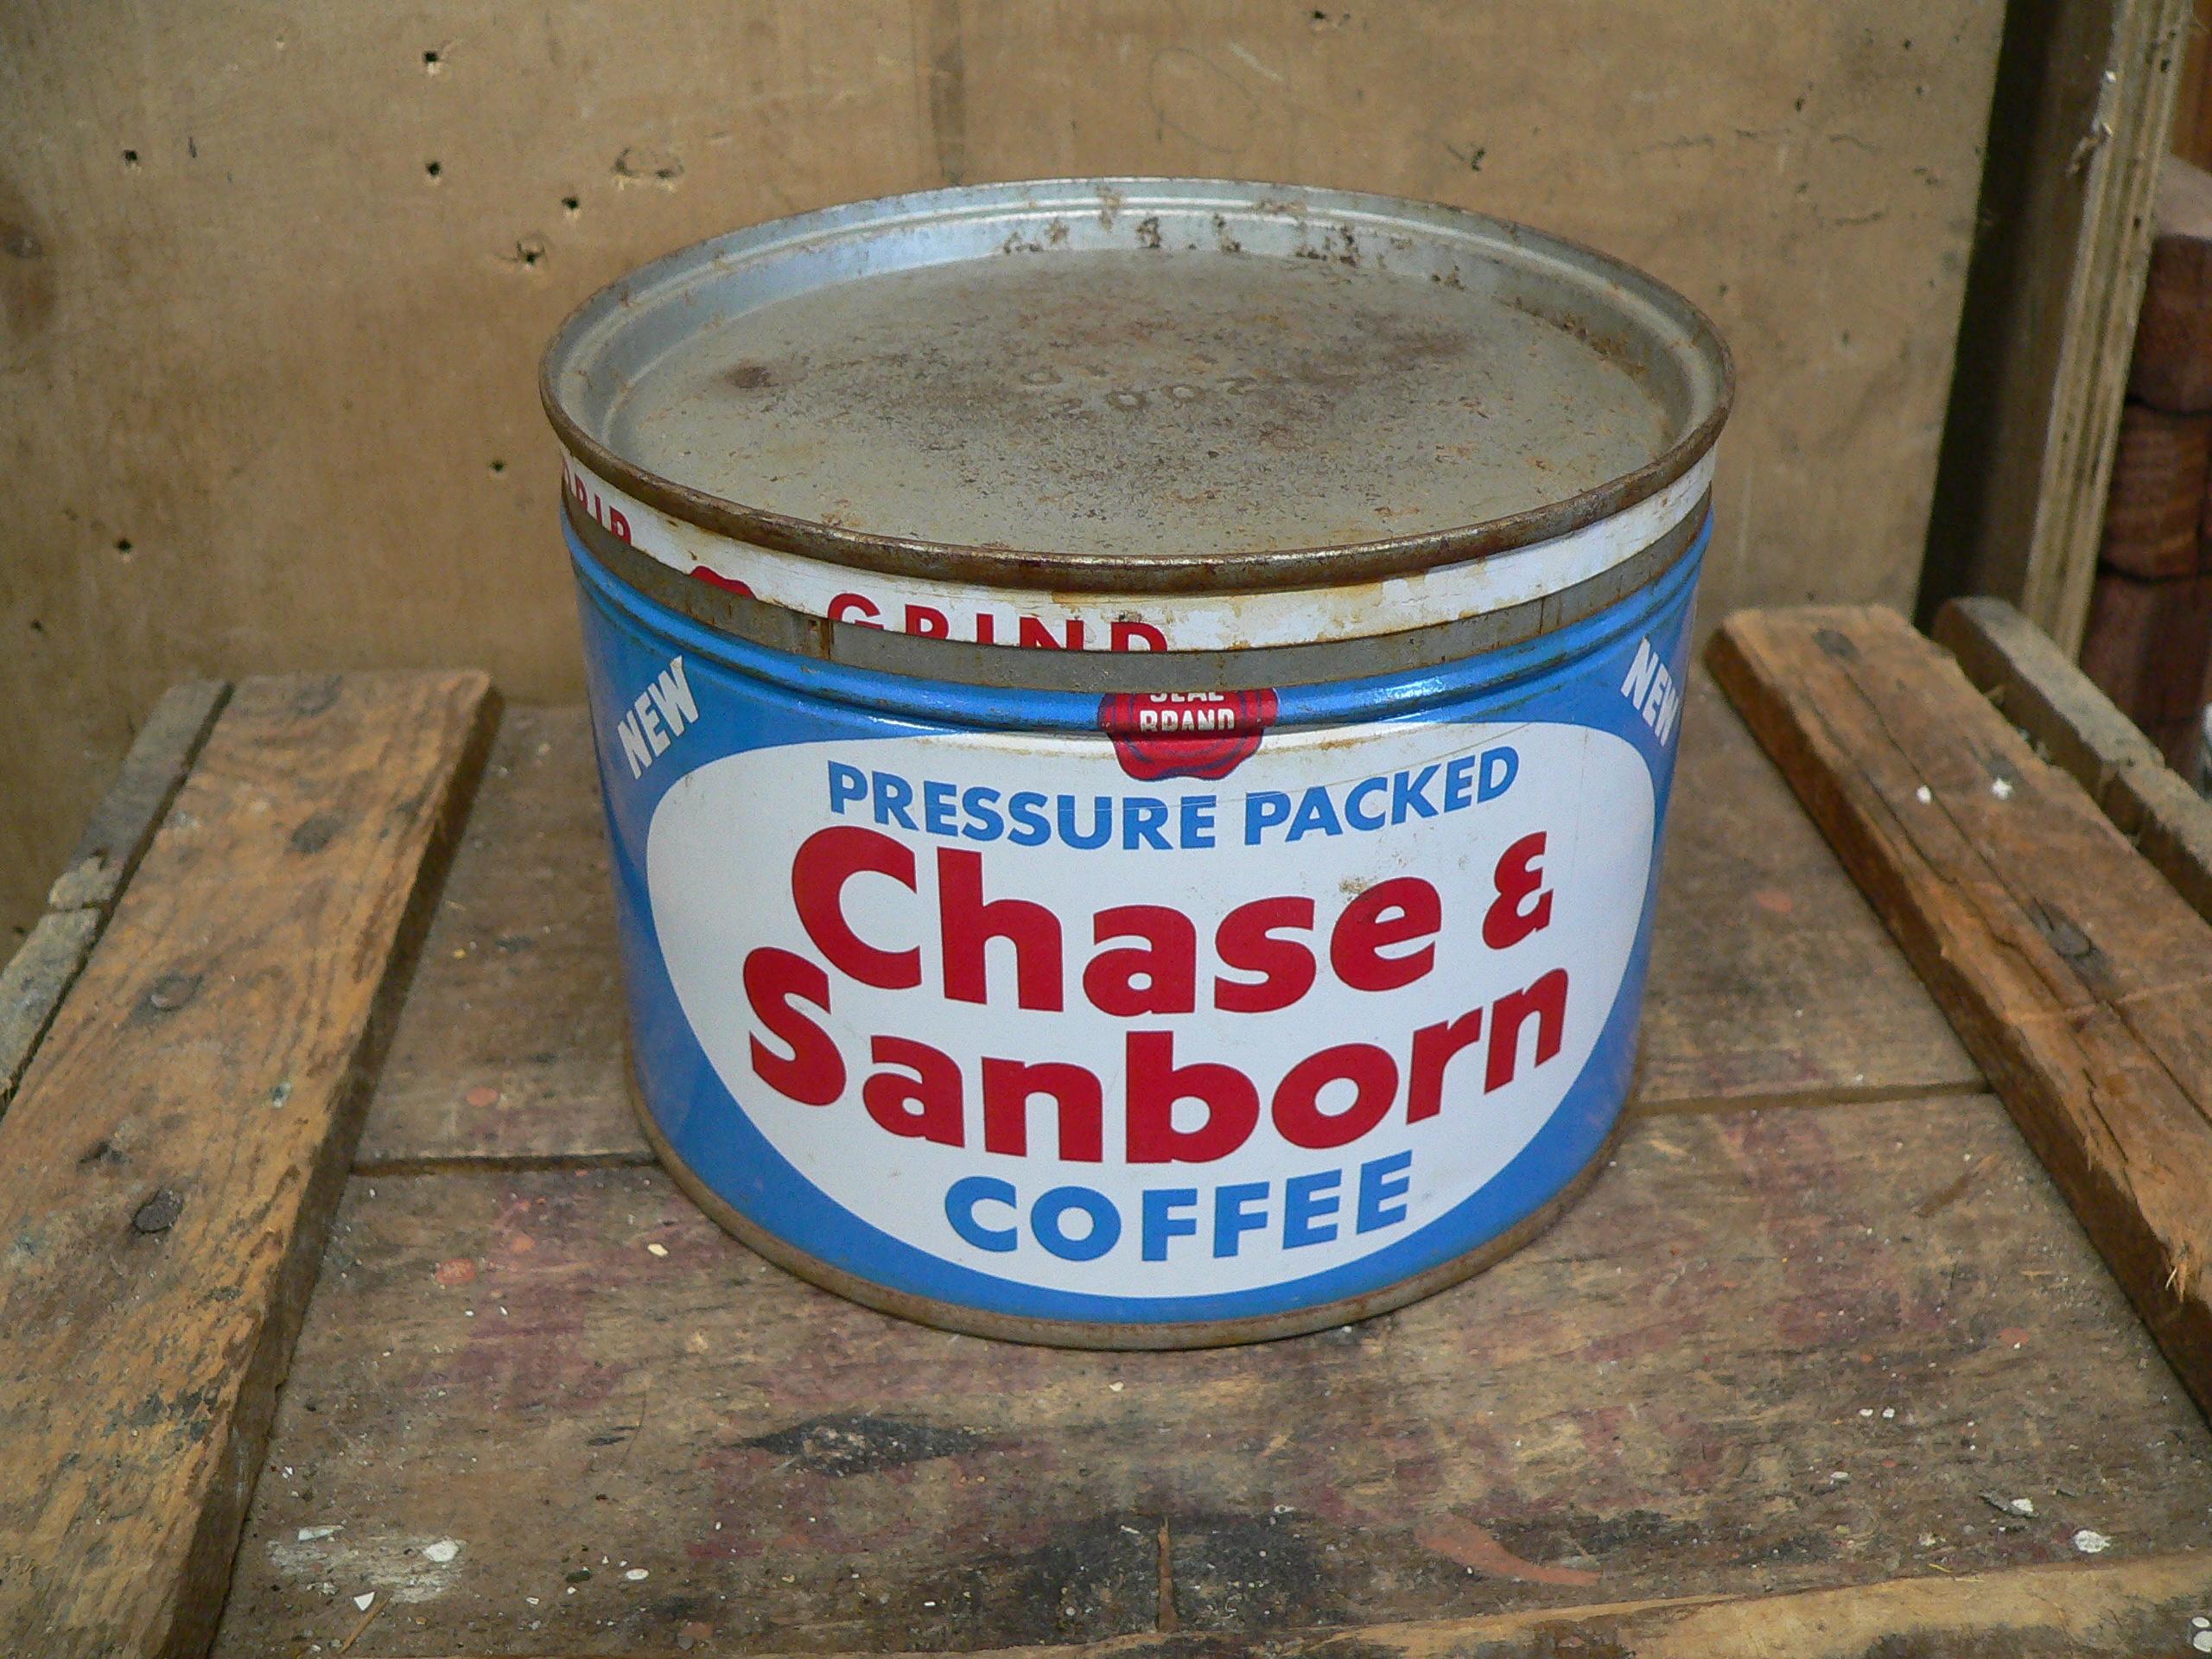 Canne de café chase & sanborn # 6031.2